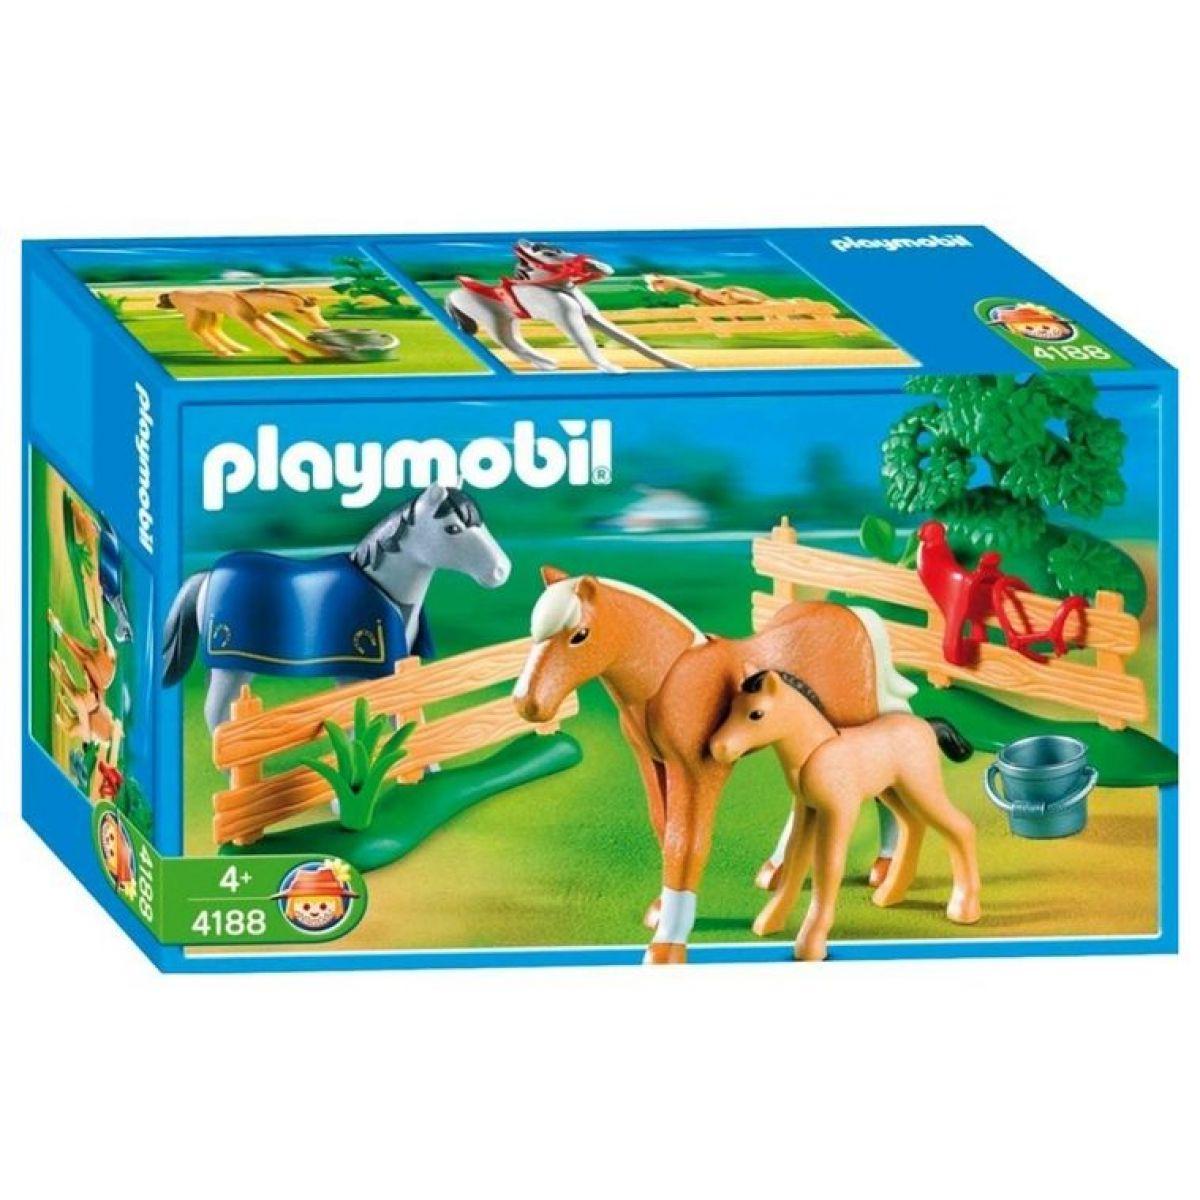 Playmobil 4188 Výběh pro koníky - Poškozený obal